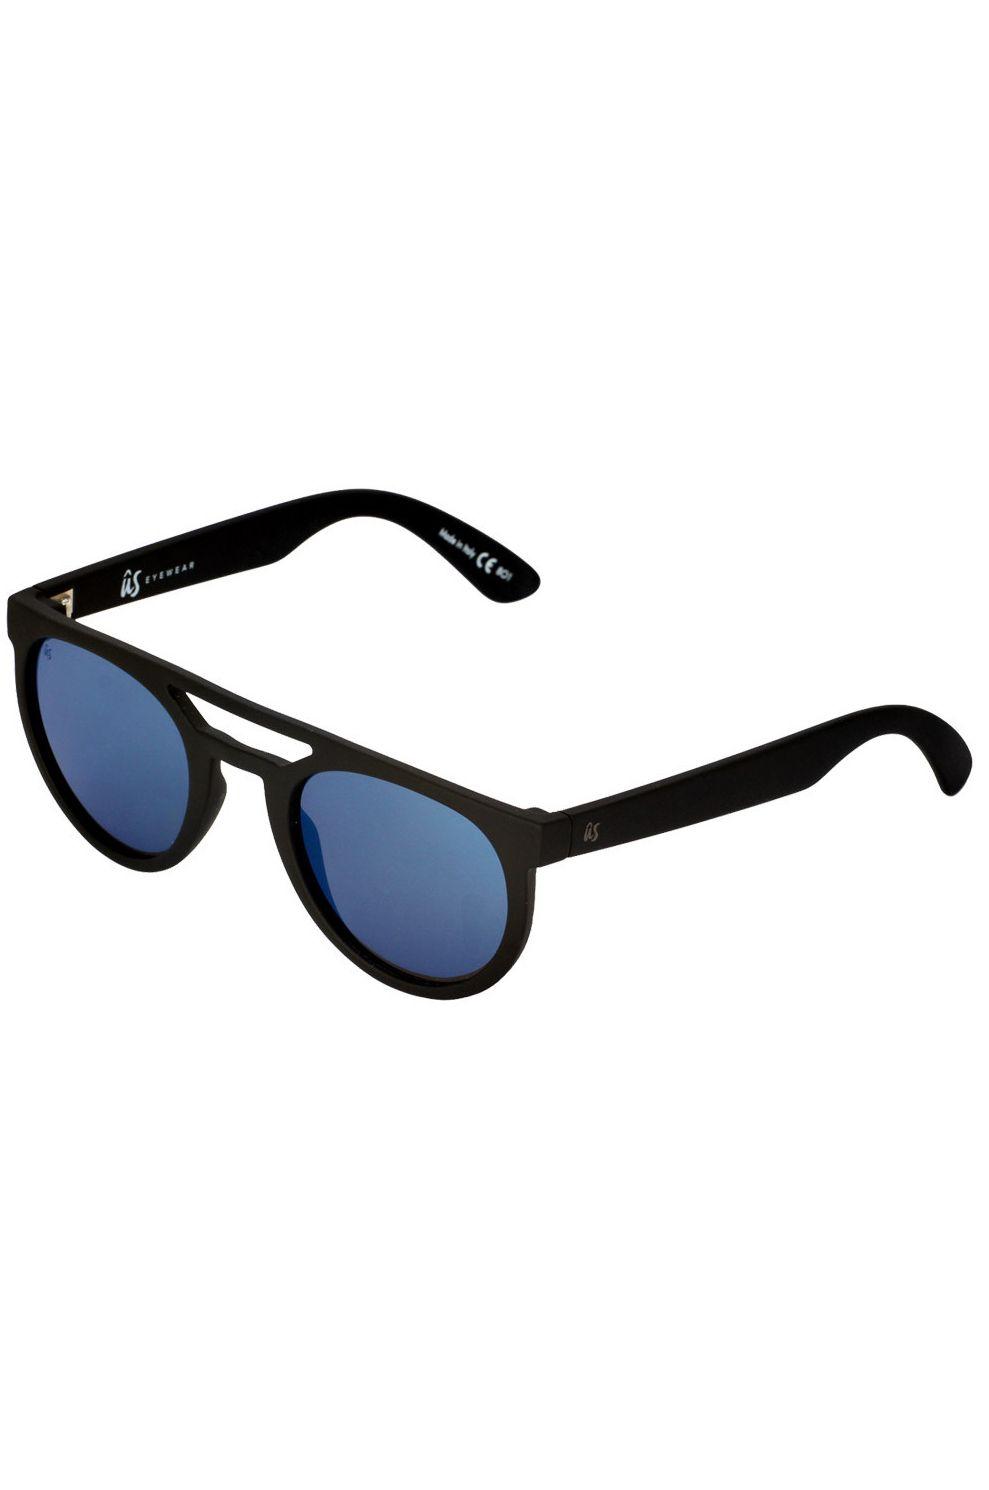 Oculos US NEOS Matte Black/Grey Blue Chrome